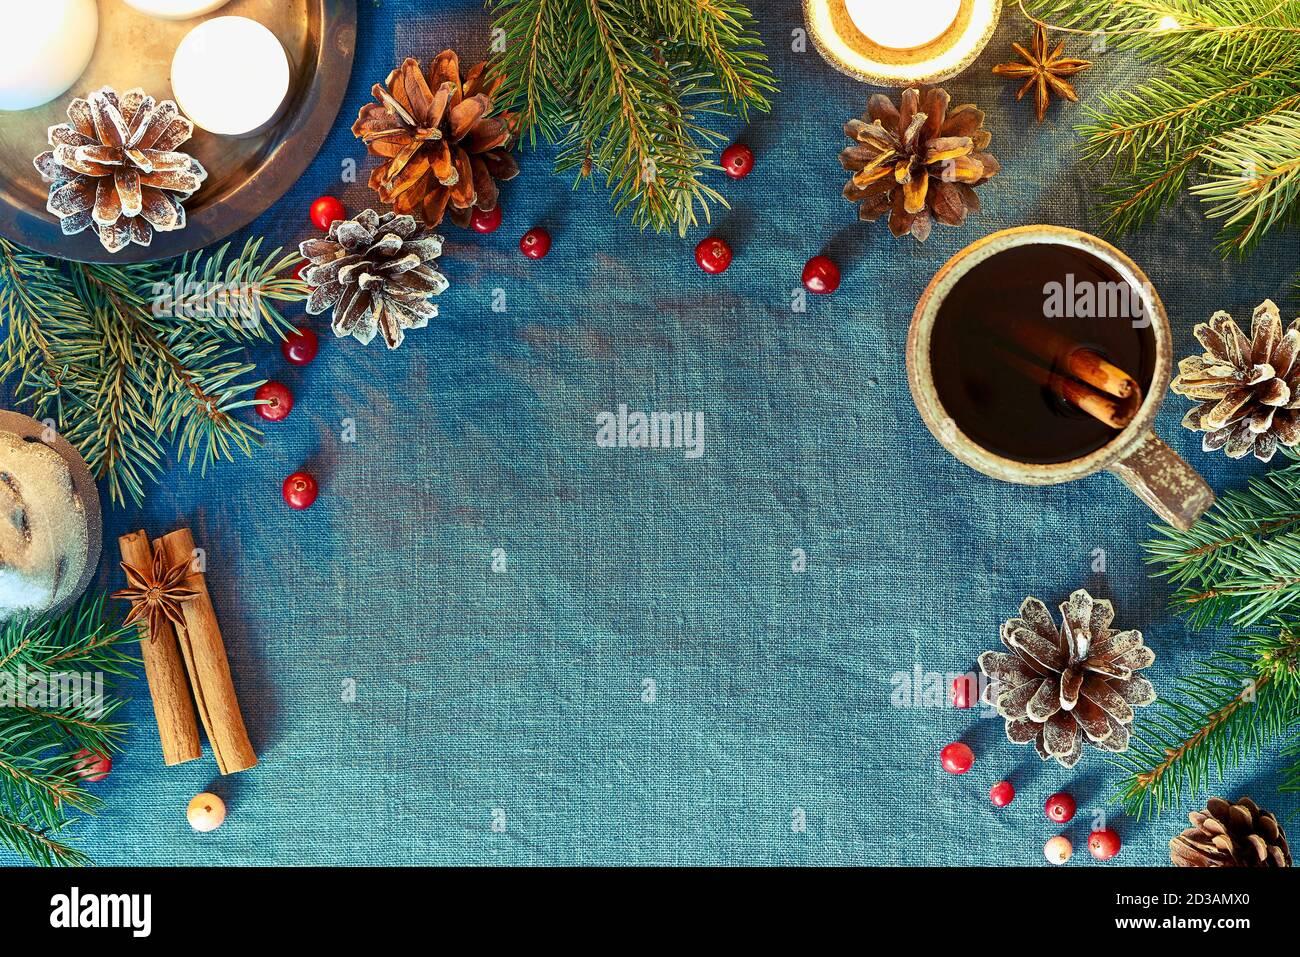 Copa de bebida caliente sobre fondo de Navidad. Noche acogedora, taza de vino caliente, Navidad Foto de stock